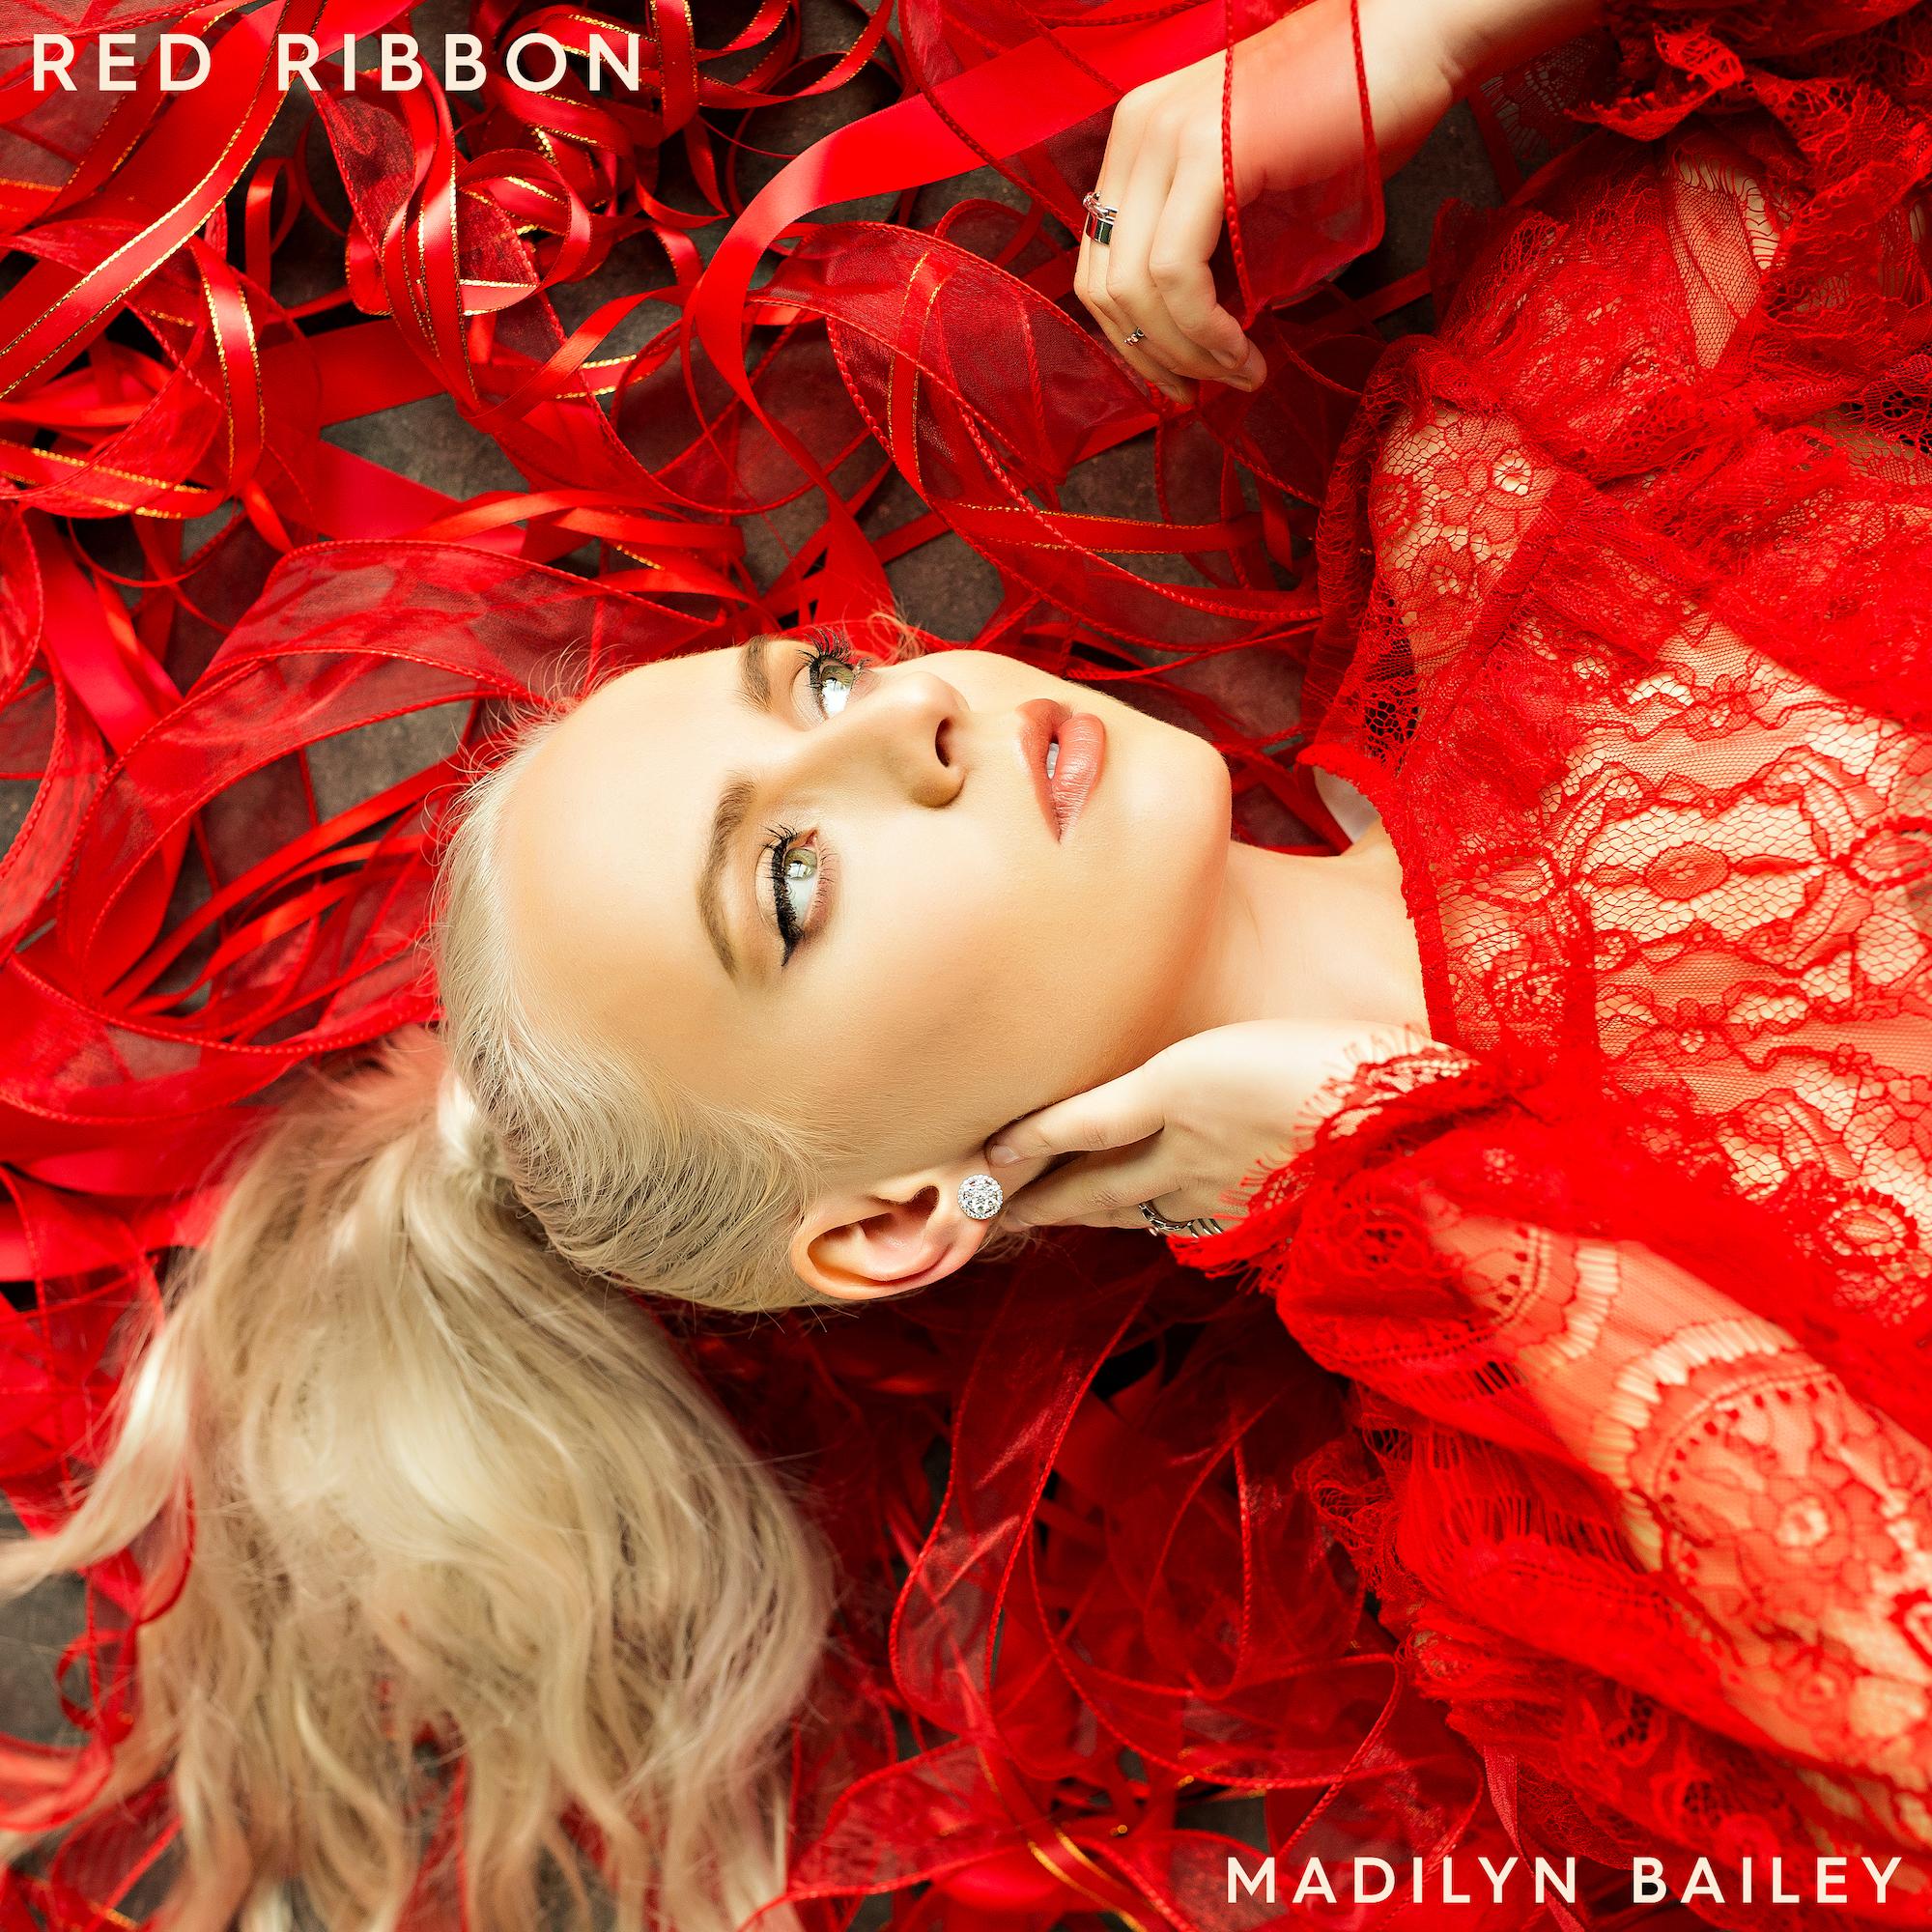 Madilyn Bailey - Red Ribbon(新歌首发).音乐mp3.百度云网盘下载